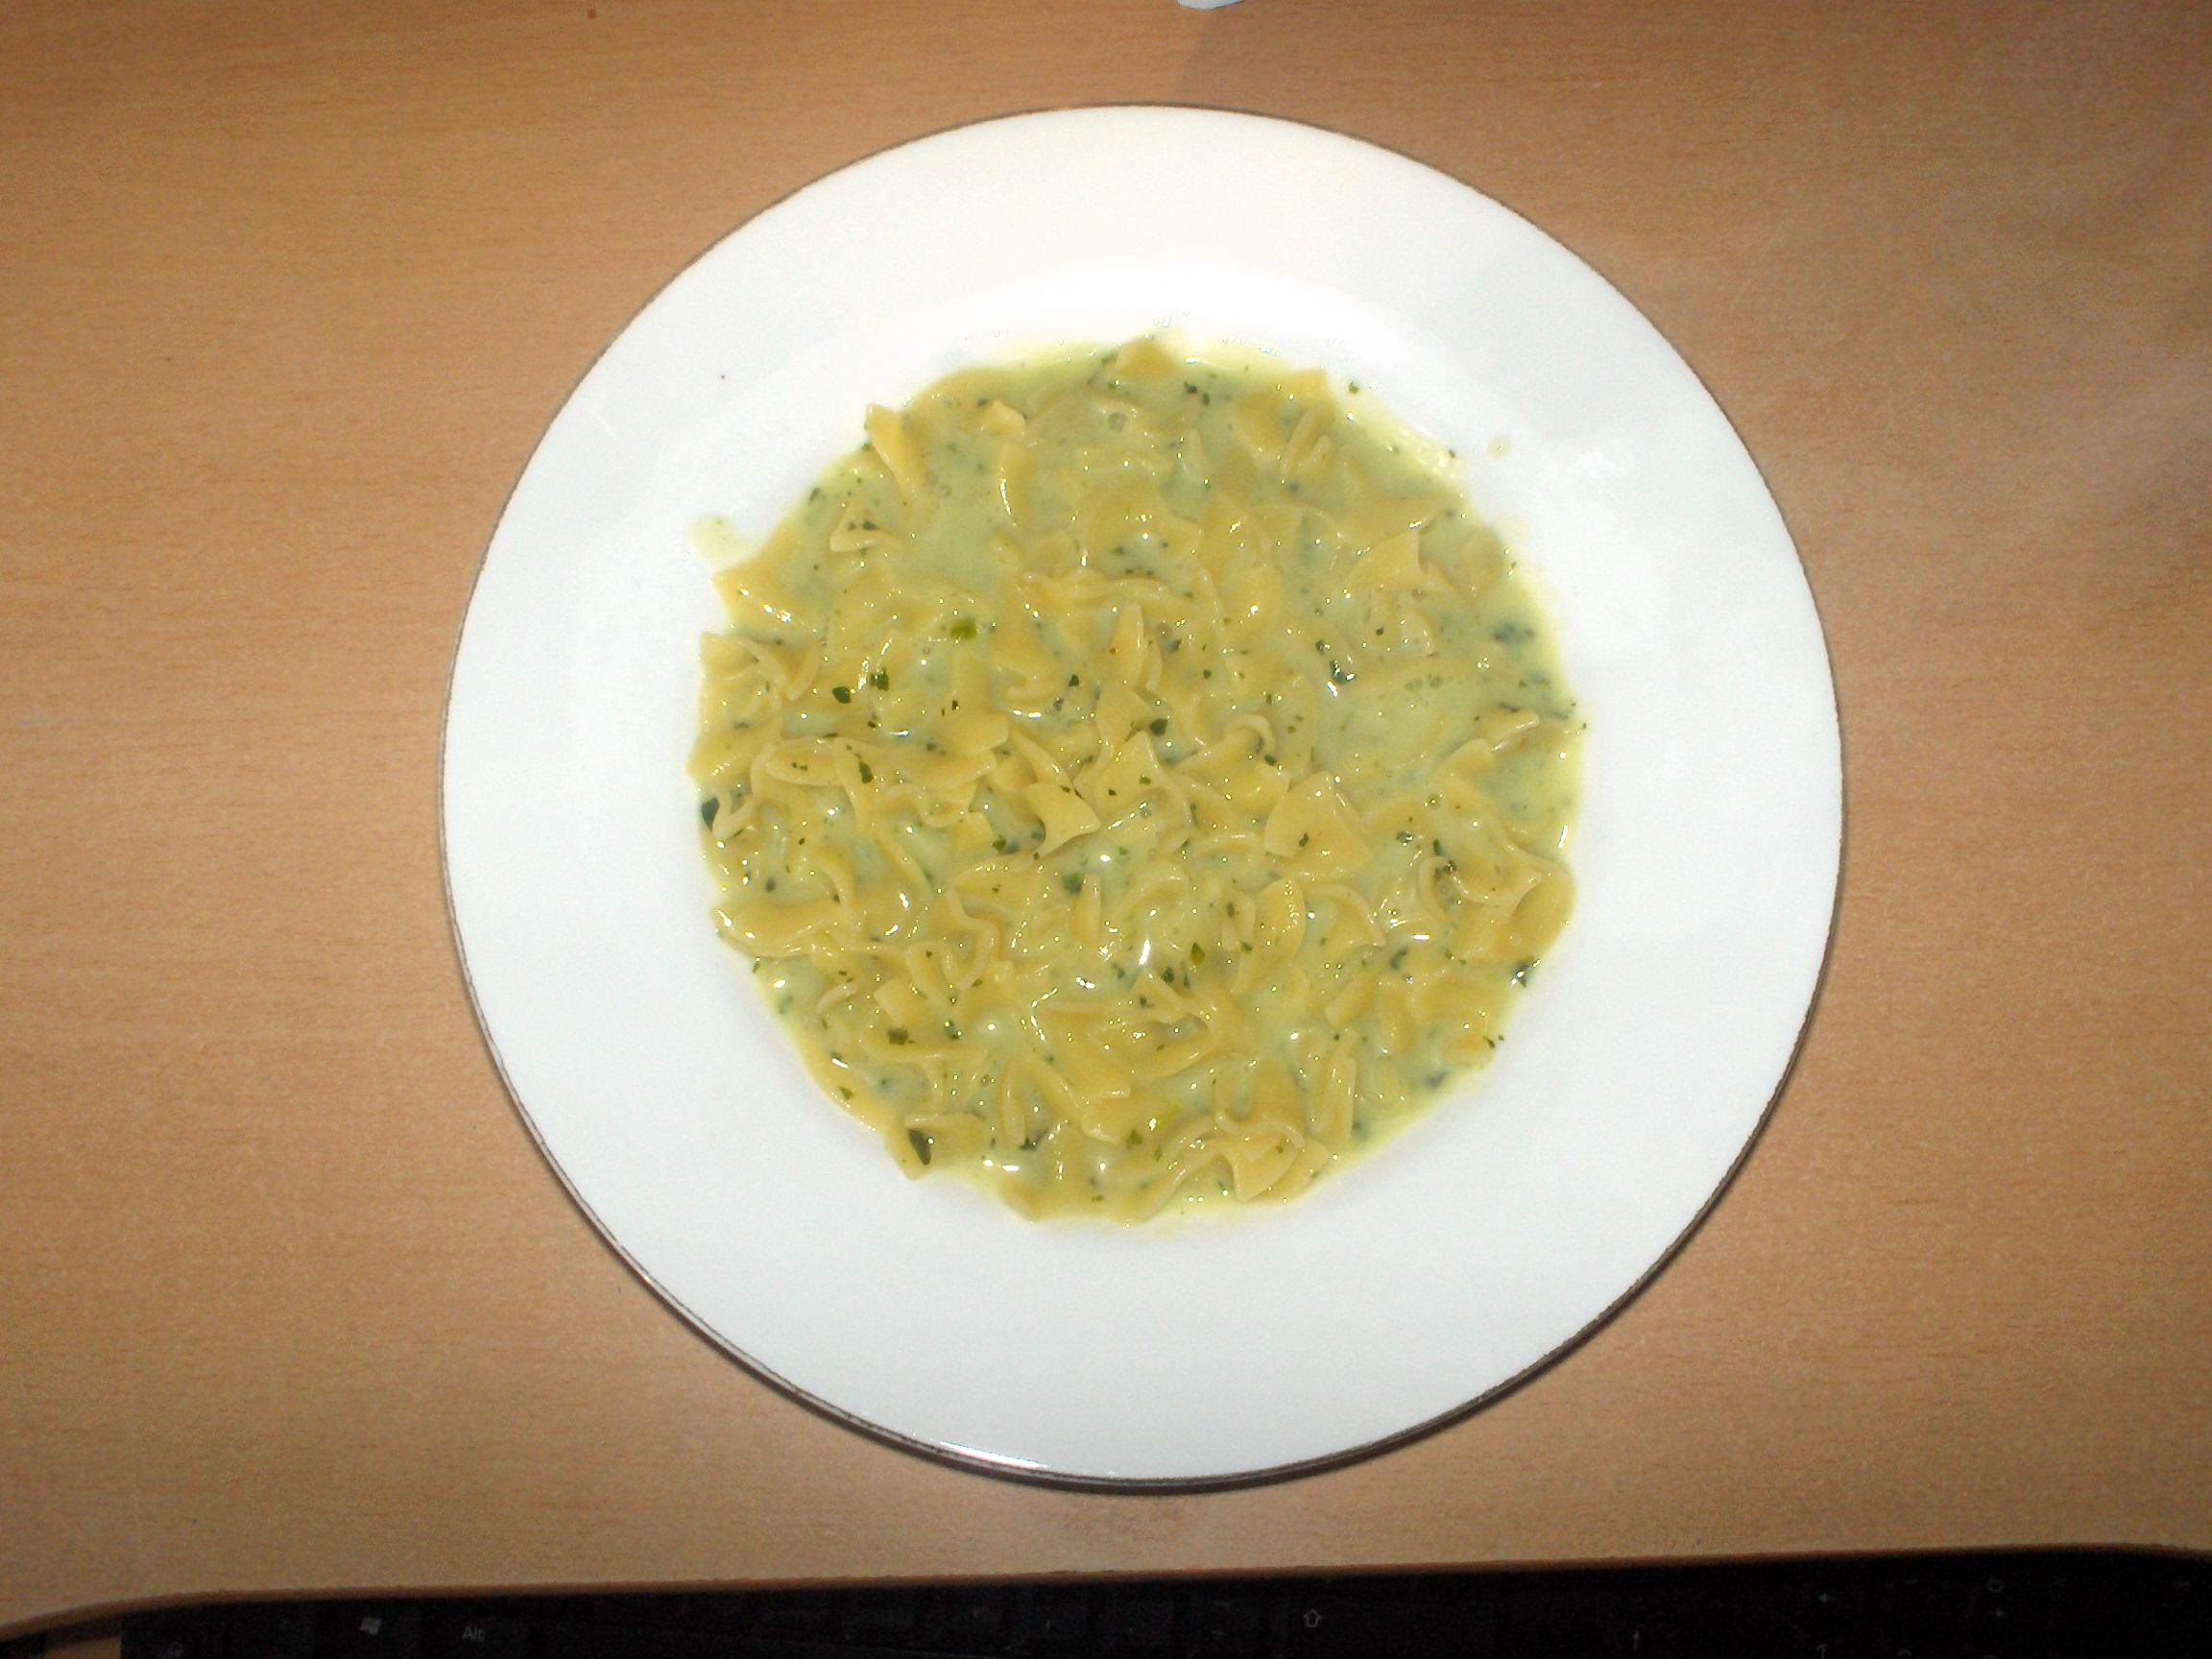 http://foodloader.net/s3Rax_2008-01-27_Pasta_mit_Creme_fraiche_Spinat.jpg